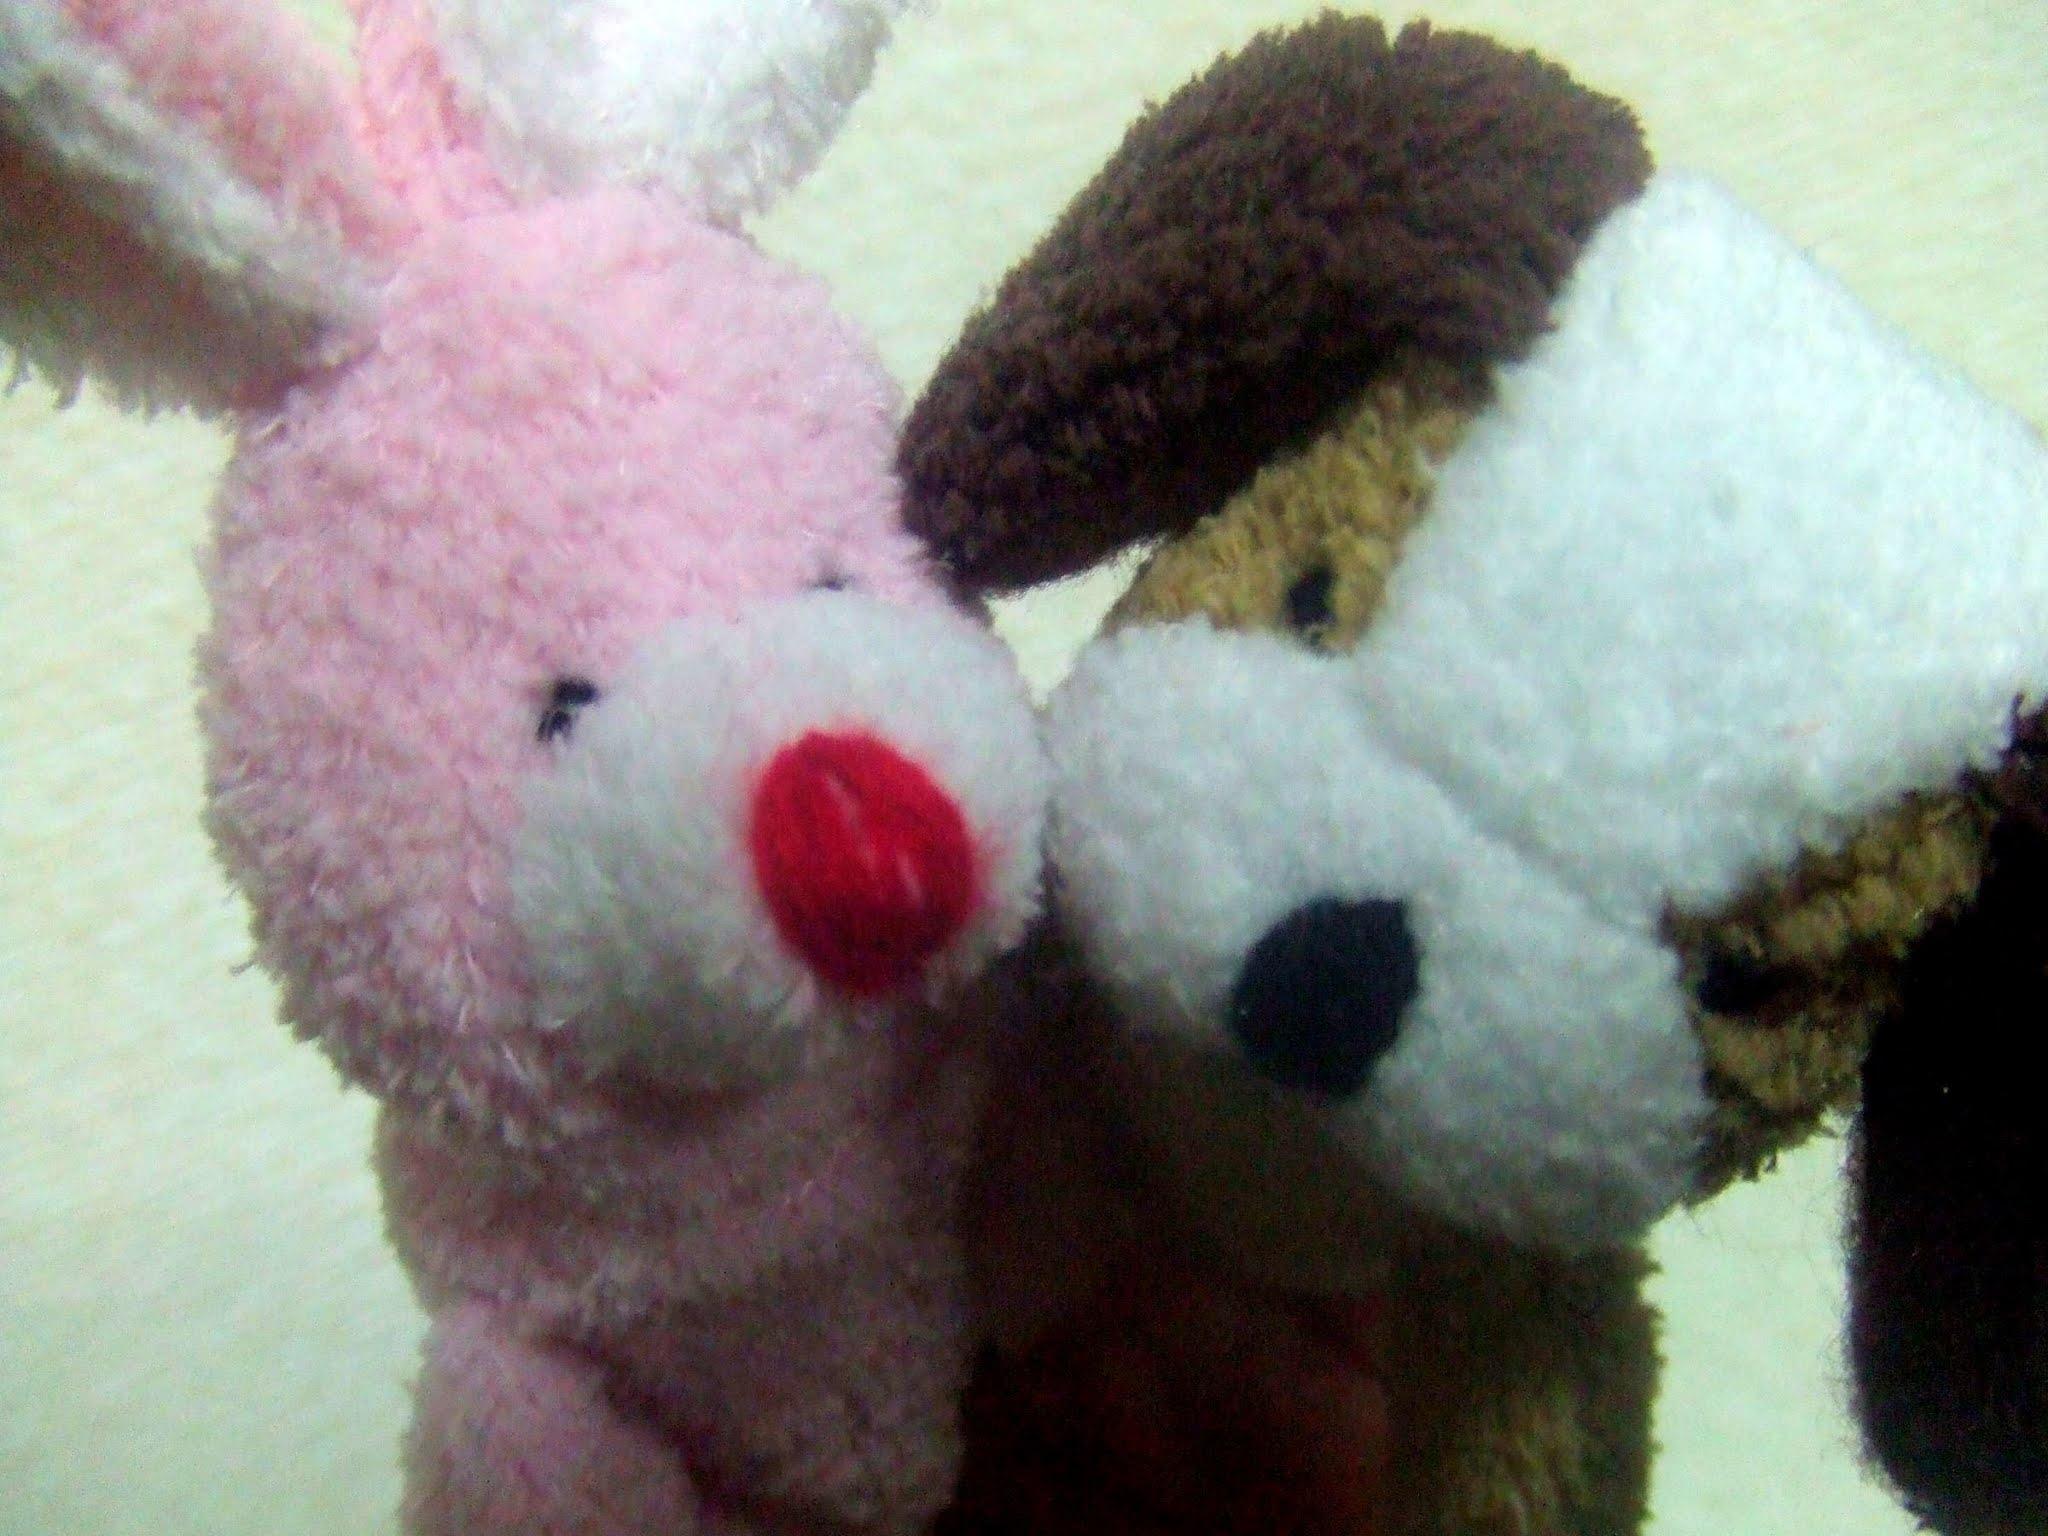 ハグする犬とうさぎのぬいぐるみの指人形です。いぬ ウサギ